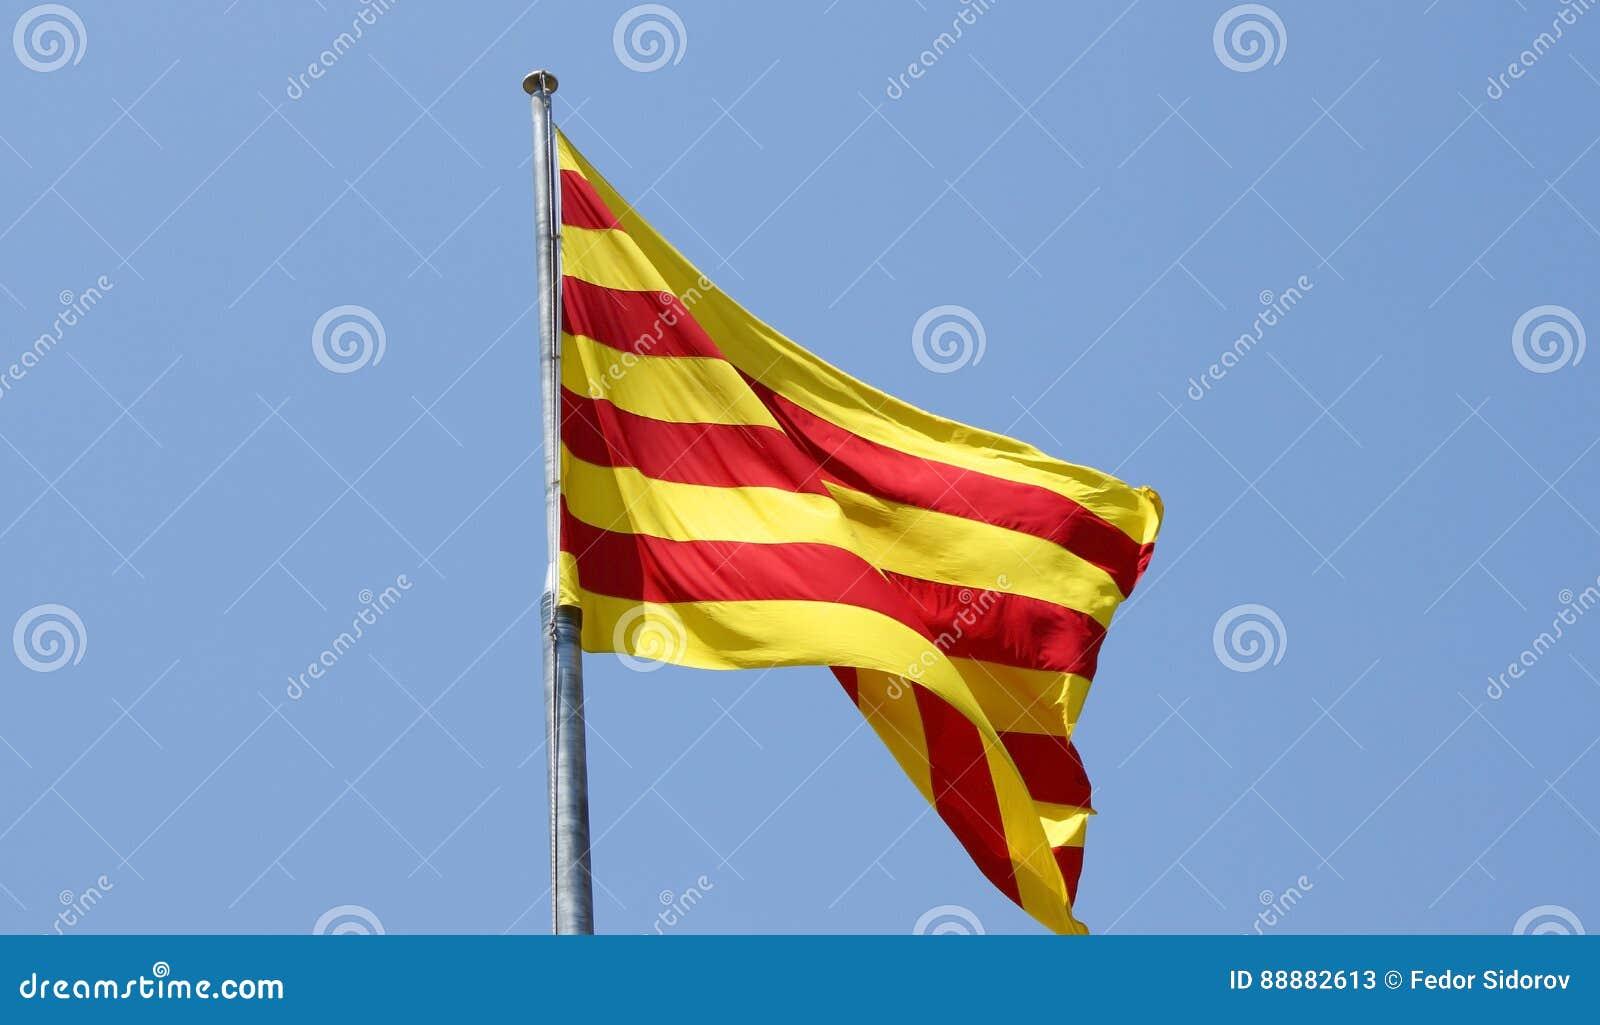 卡塔龙尼亚的旗子风的